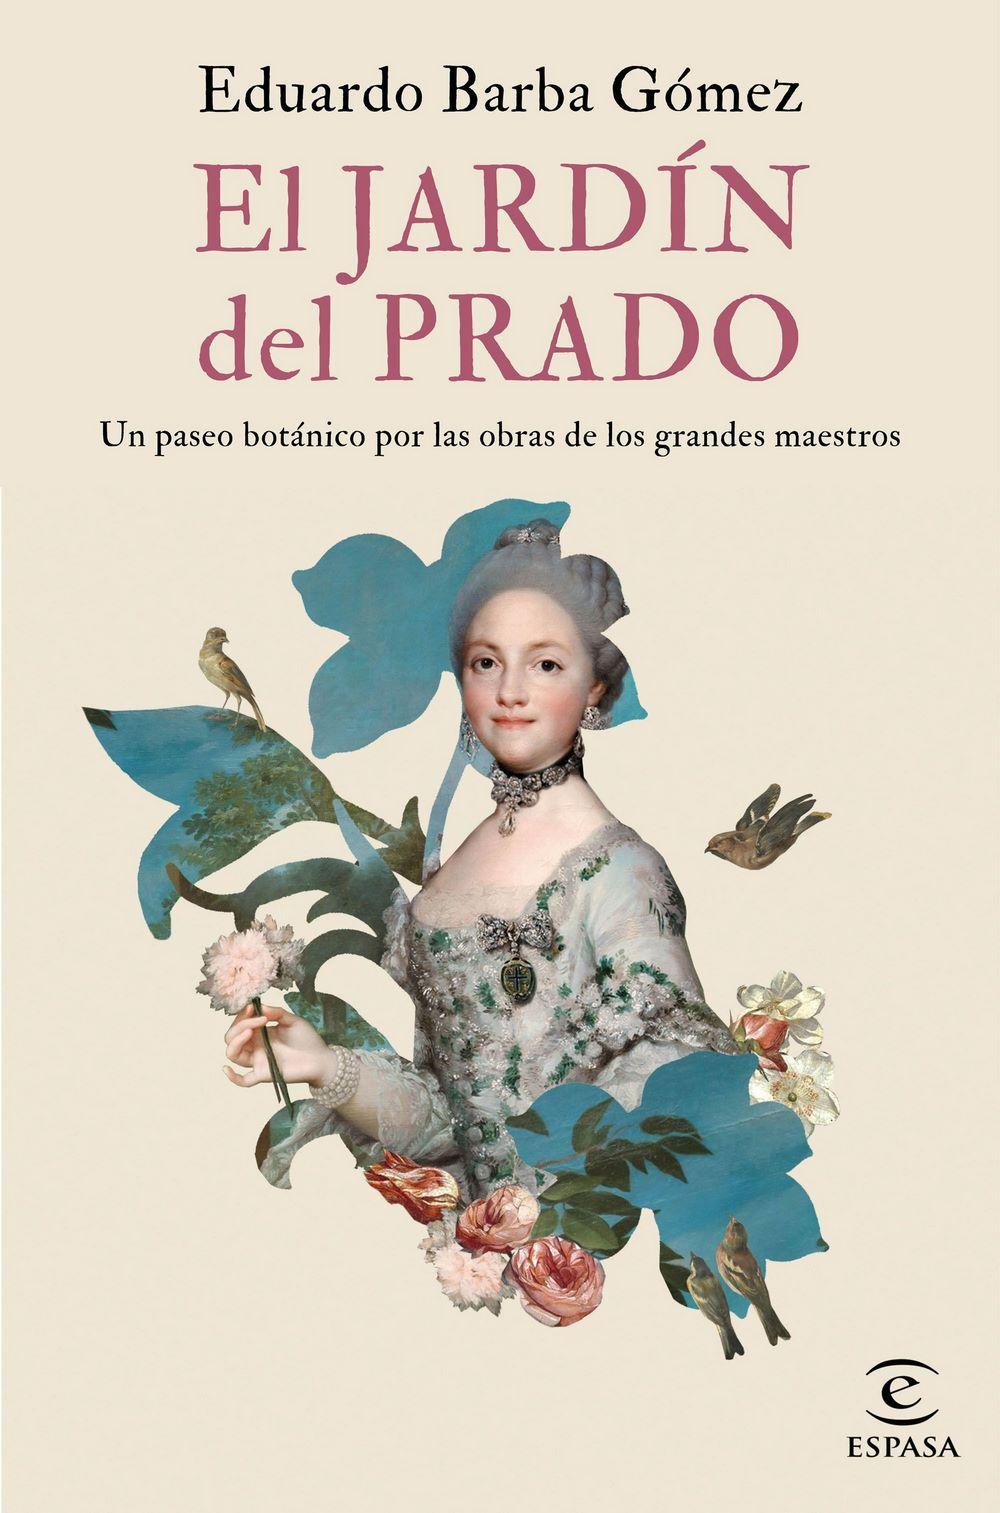 Libro sobre plantas, flores y frutos que se encuentran en las pinturas del Museo del Prado